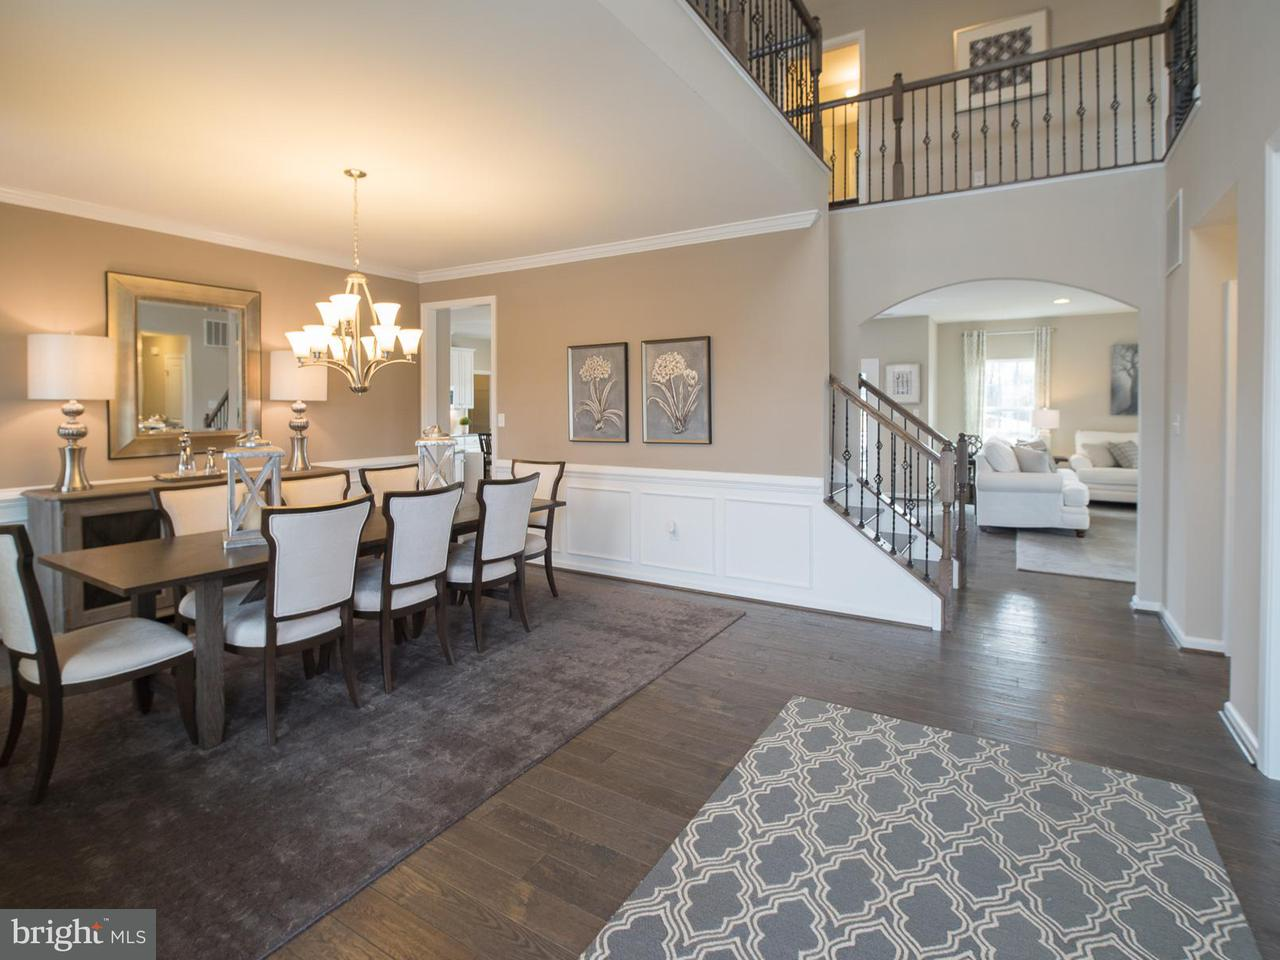 Maison unifamiliale pour l Vente à 14407 OWINGS Avenue 14407 OWINGS Avenue Brandywine, Maryland 20613 États-Unis